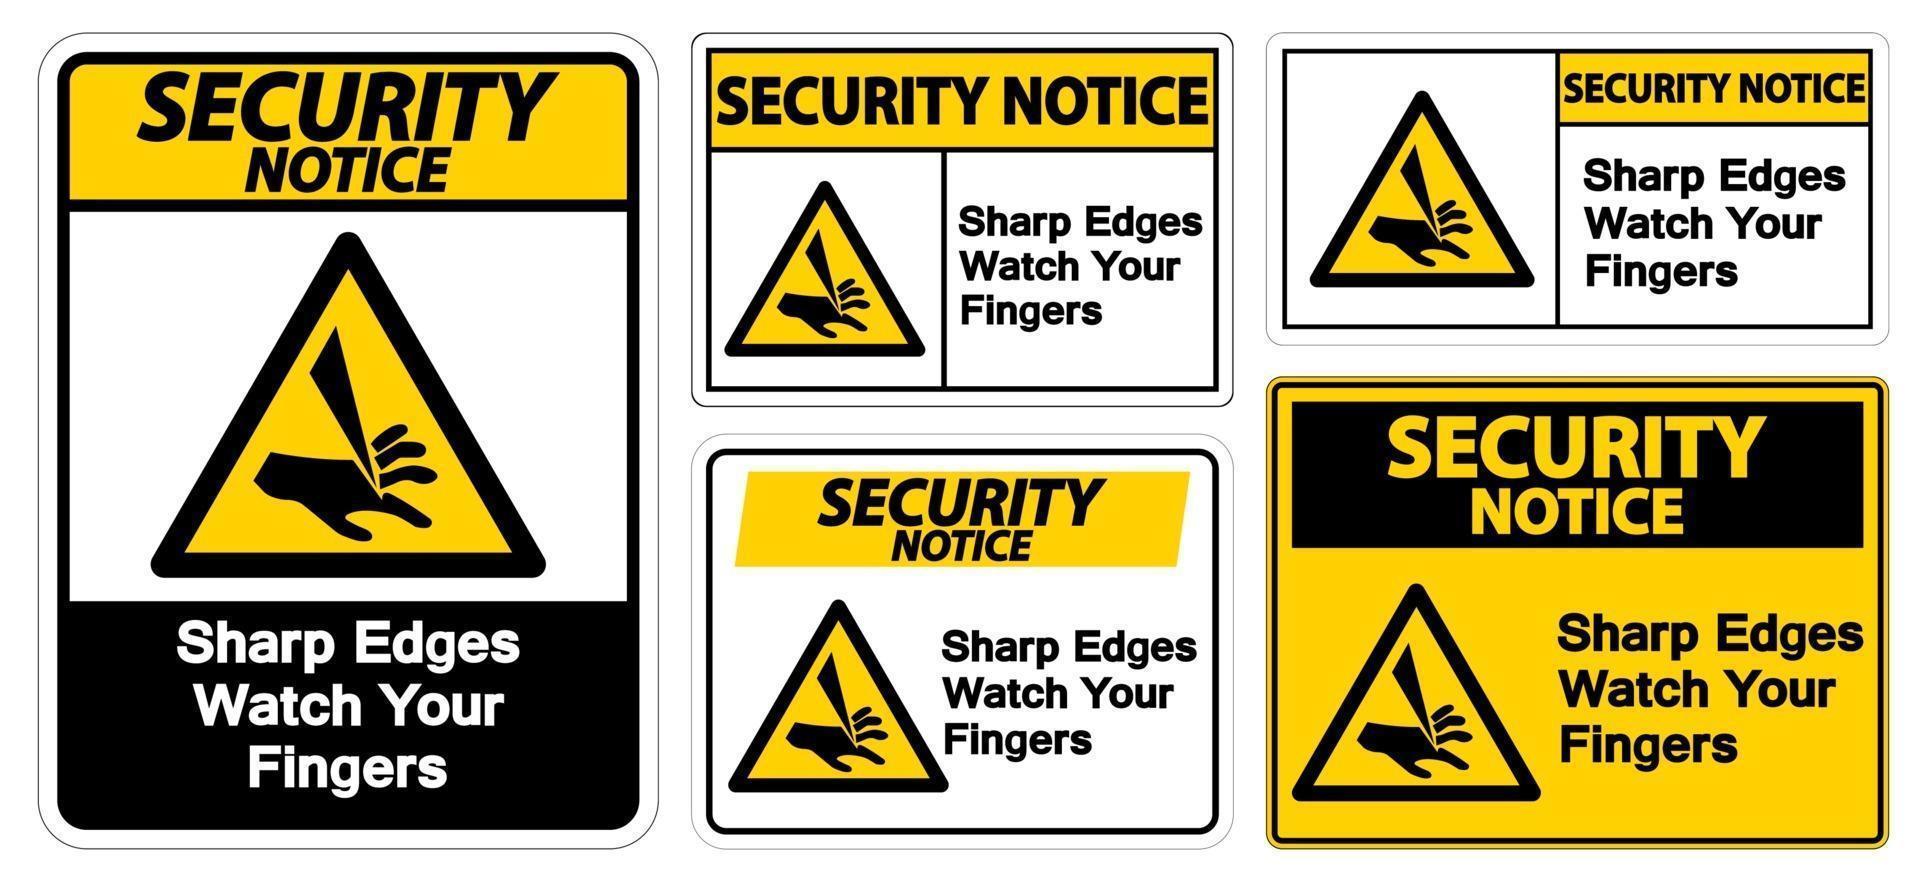 veiligheidsmededeling scherpe randen let op uw vingers teken symboolset vector